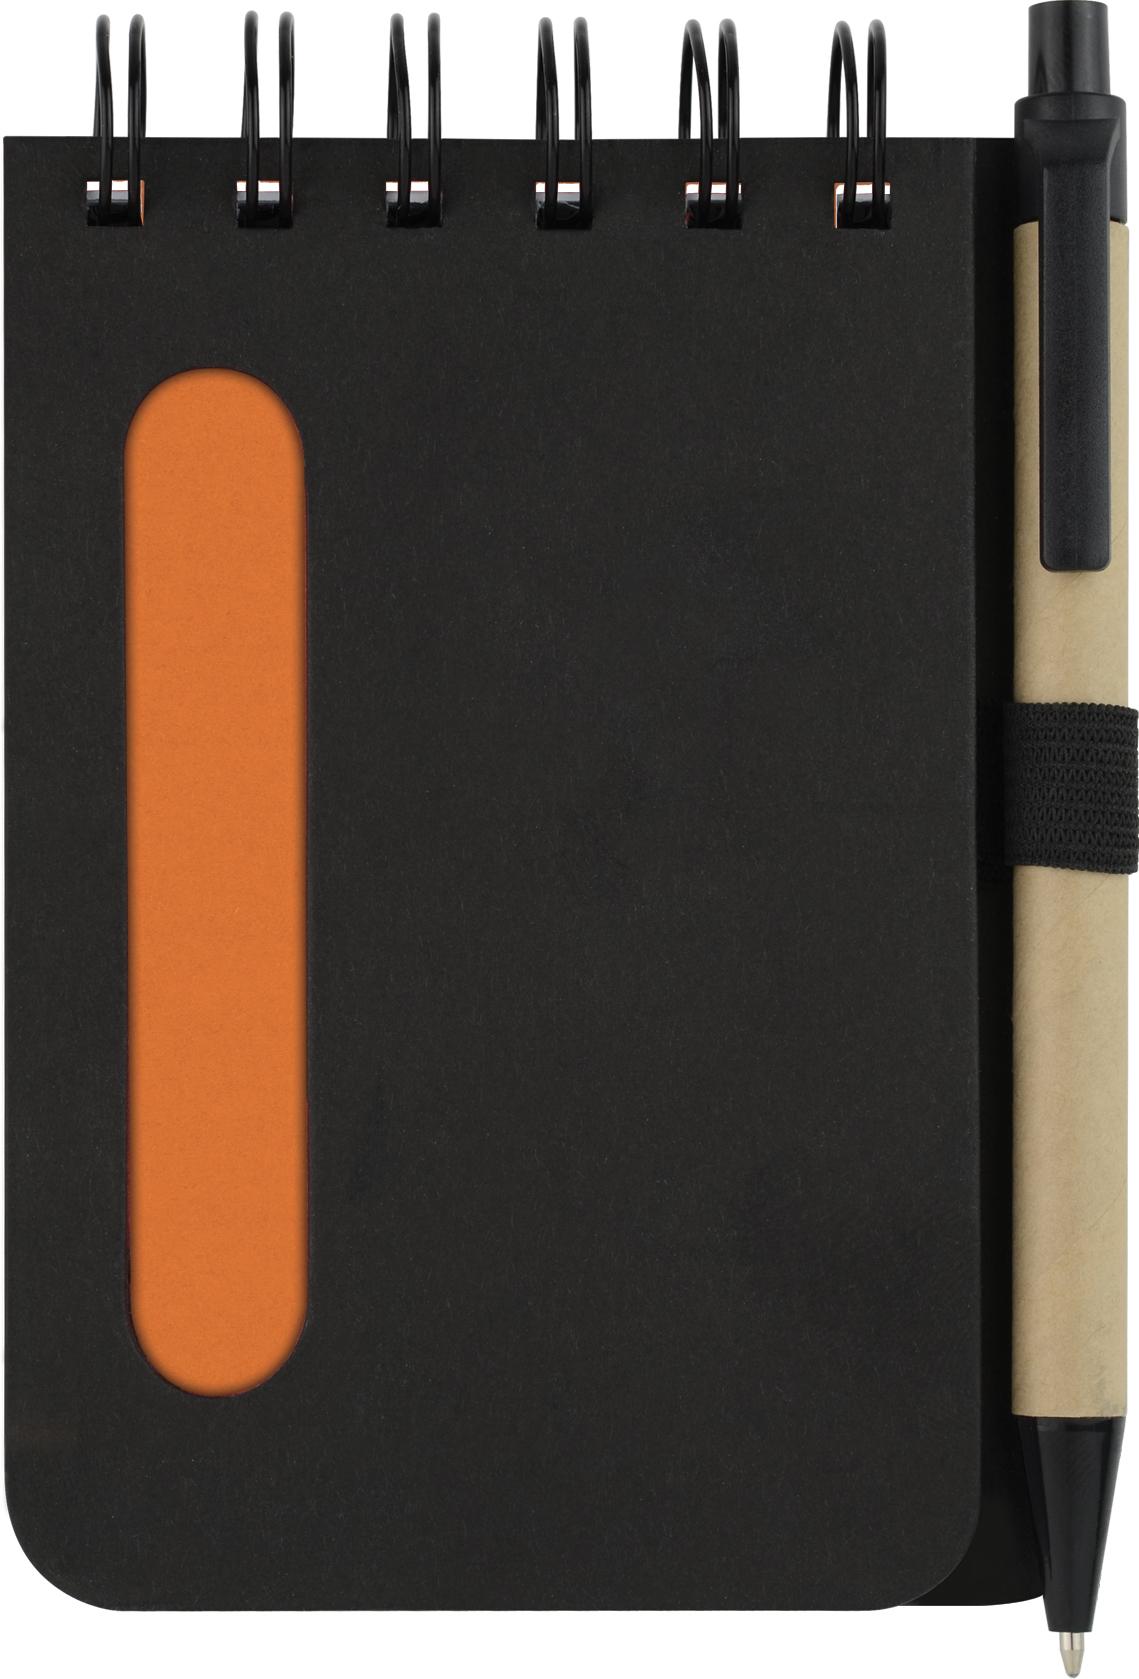 Bloc-notes et stylo  - 70-1049-23